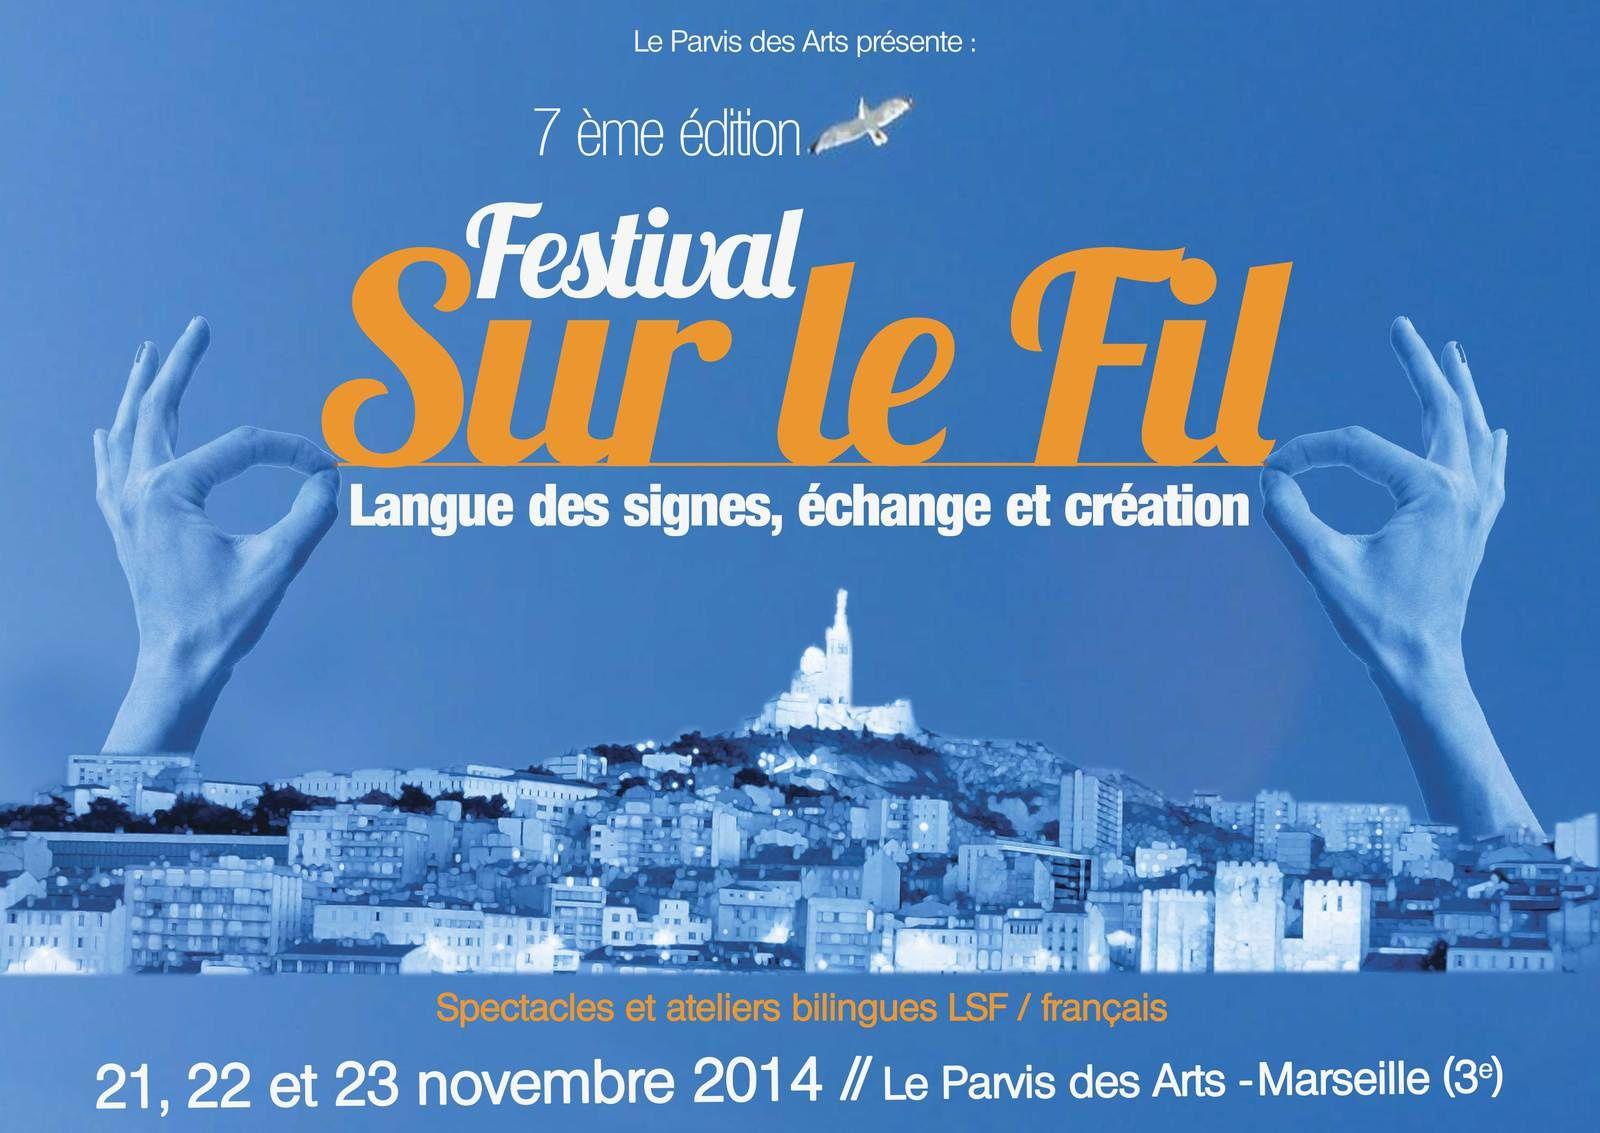 Raje Marseille - Invités de la semaine : Marie Bonnin de l'association Le Parvis des Arts et Alexandre Fassi, directeur d'Inter-Made